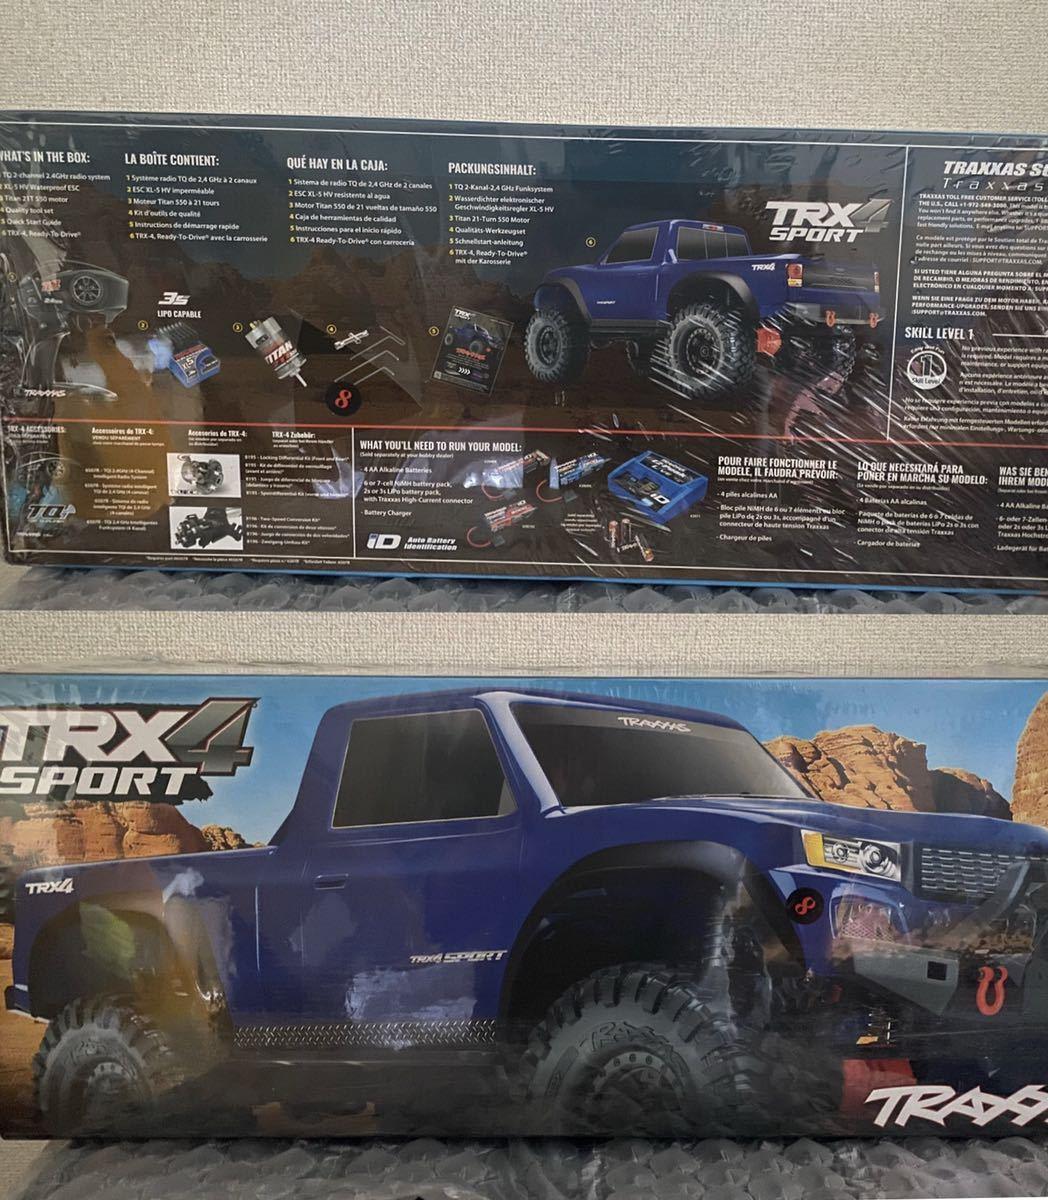 新品 トラクサス 1/10 Traxxas TRX-4 sport スポーツ クローラー ピックアップトラック 4WD 2.4G RTR ブルー アキシャル Axial SCX10対抗機